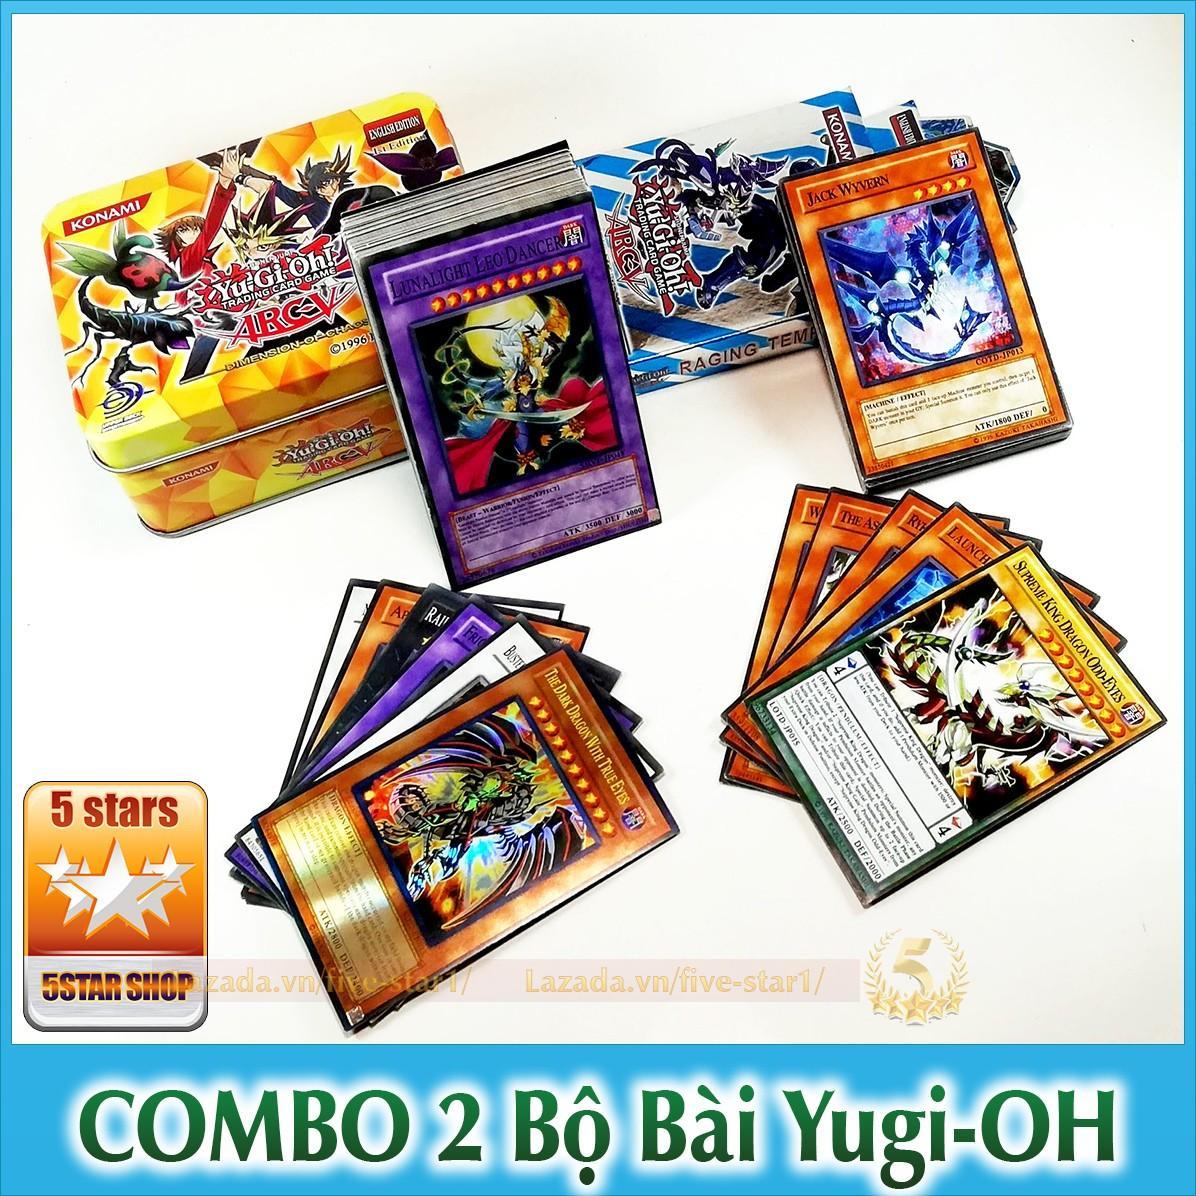 Hình ảnh (Xả kho) Combo 2 bộ bài Magic YuGiOh: Hộp sắt - 40 lá + Hộp giấy - 25 lá (MAGIC.NHOM+BIA)